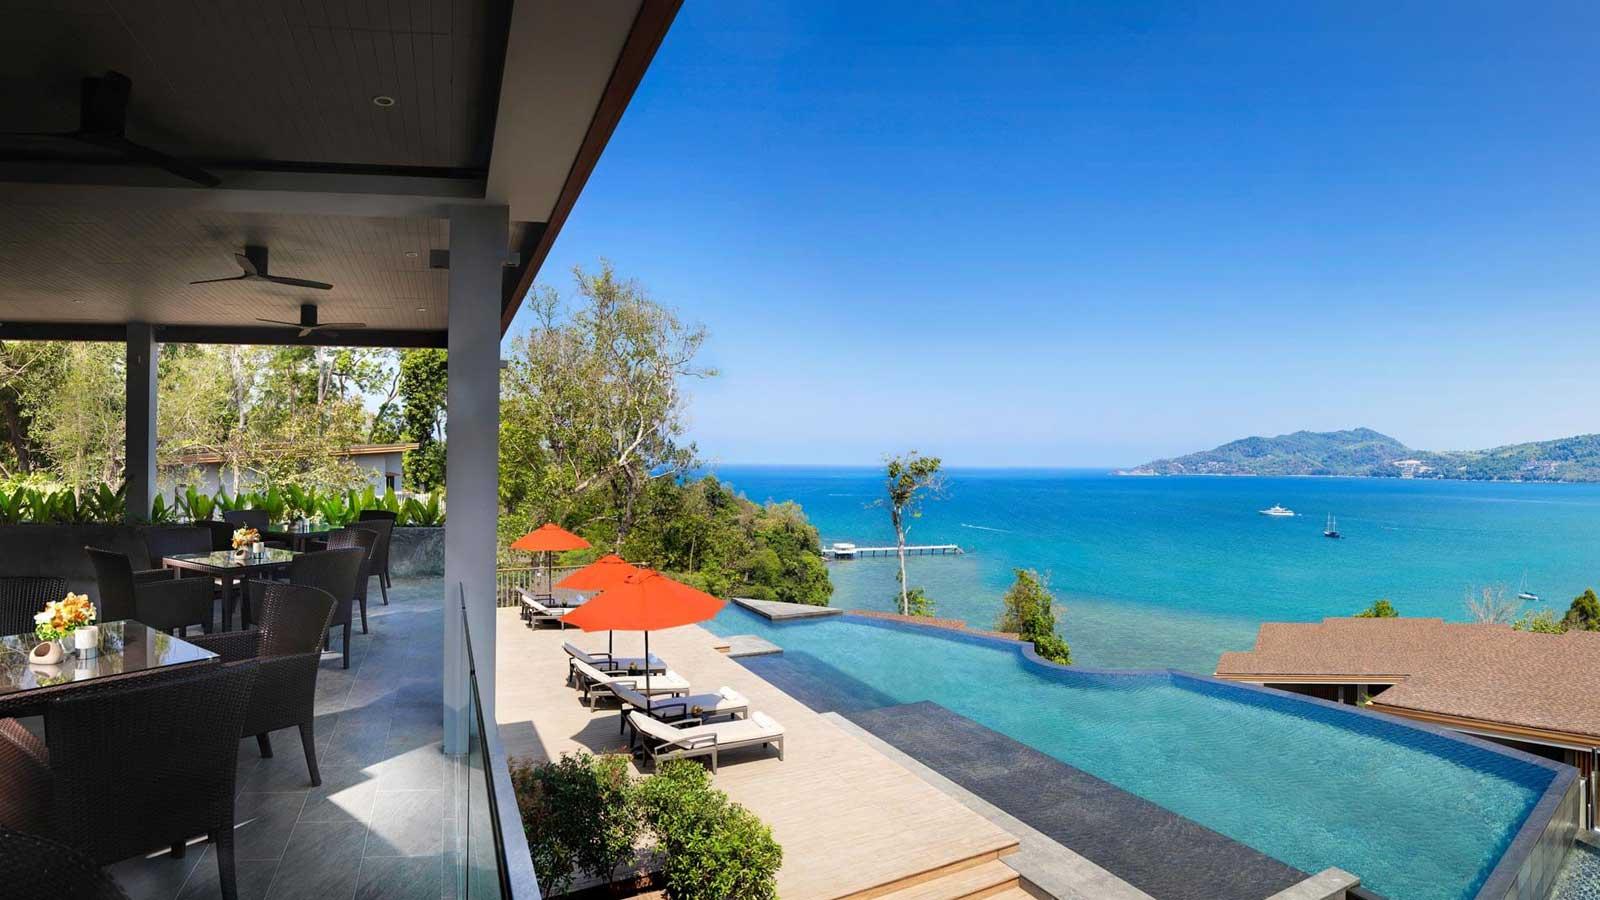 Amari Phuket 4* - отель со своим частным пляжем на Пхукете